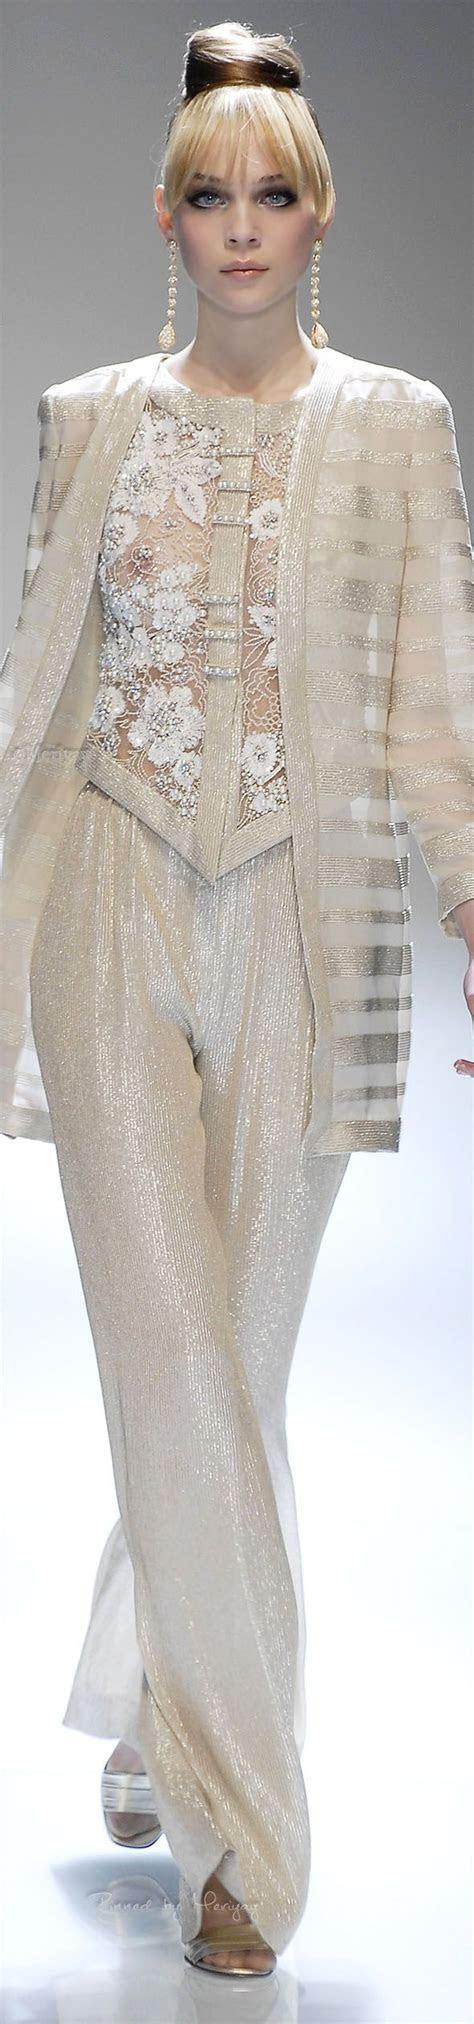 Wedding dresses, plus size, bridal underwear, shoes, veils